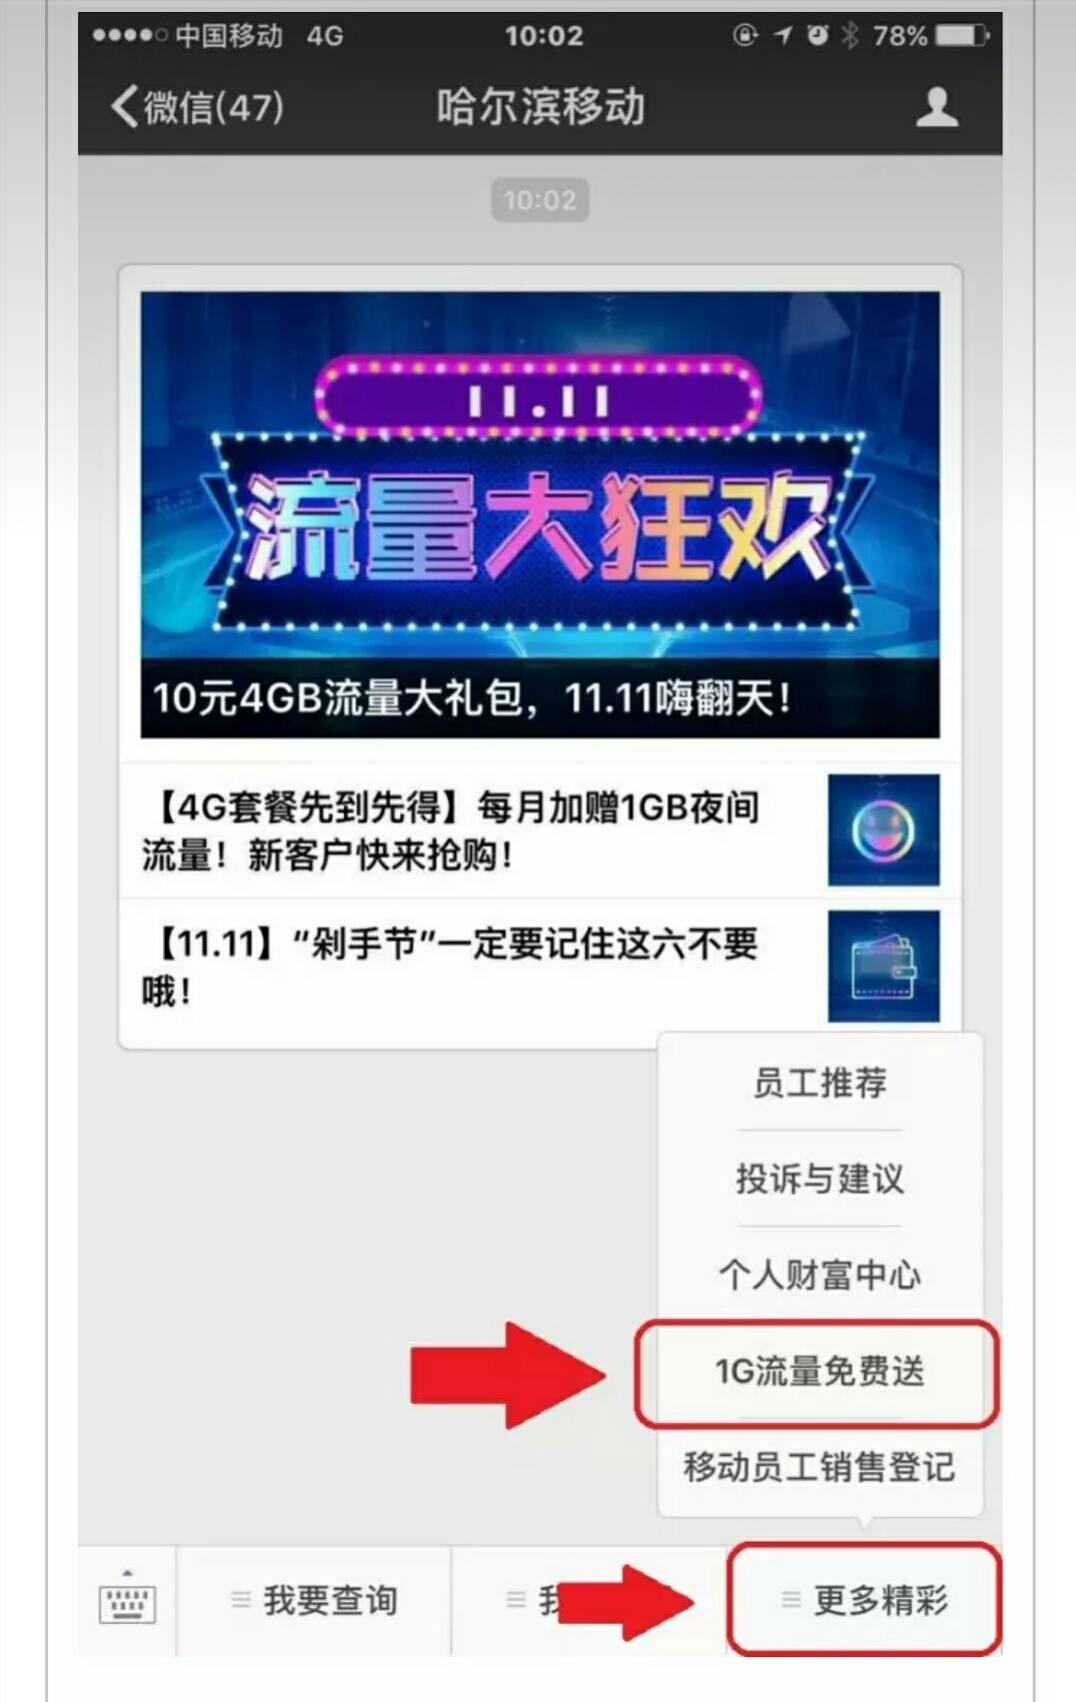 哈尔滨移动:1G流量免费送!送你!送你!就送你!.).jpg